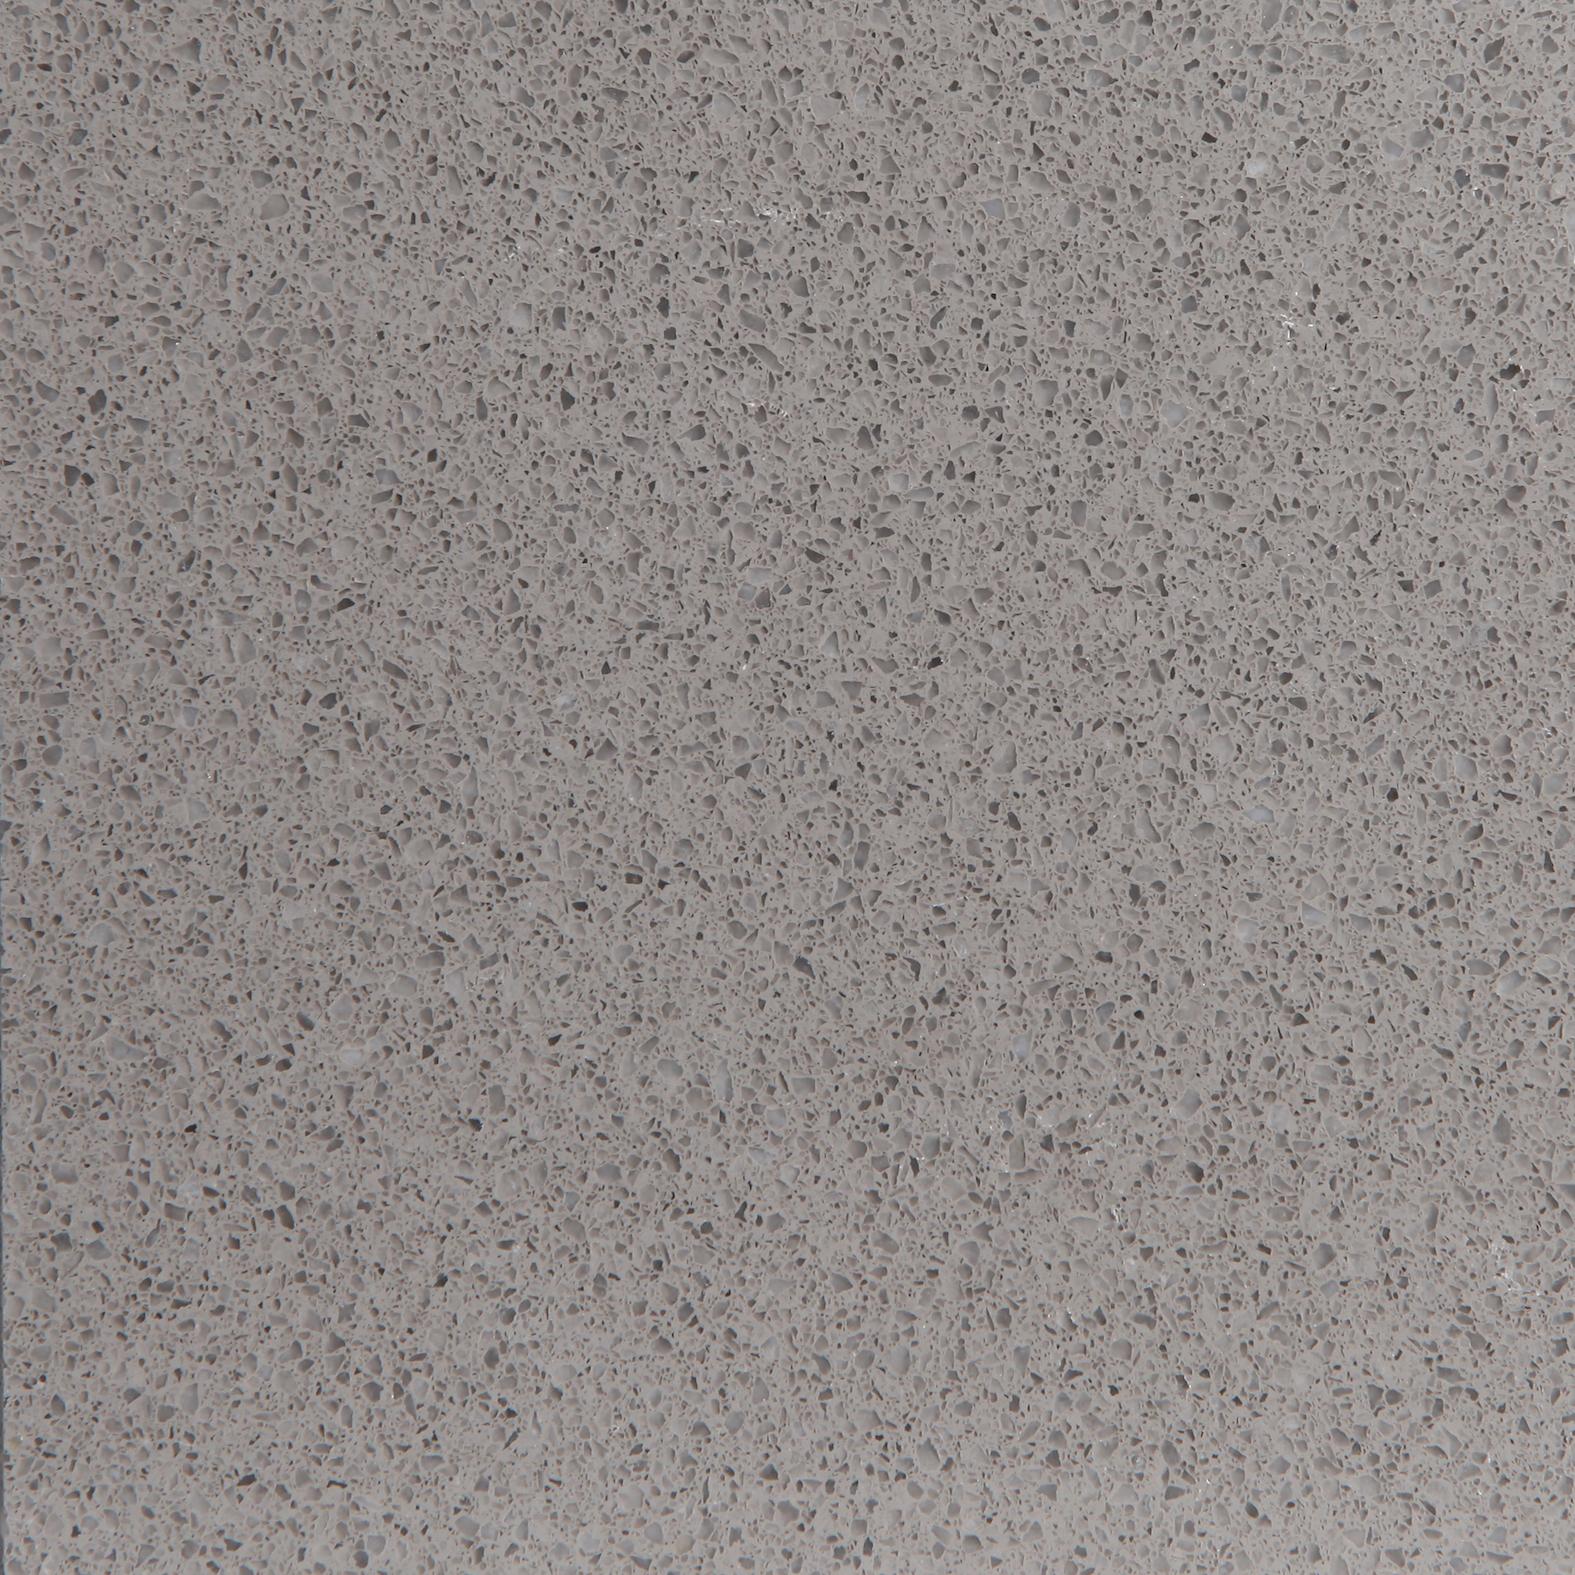 Dakota Quartz A1 Plus Stone Design Inc